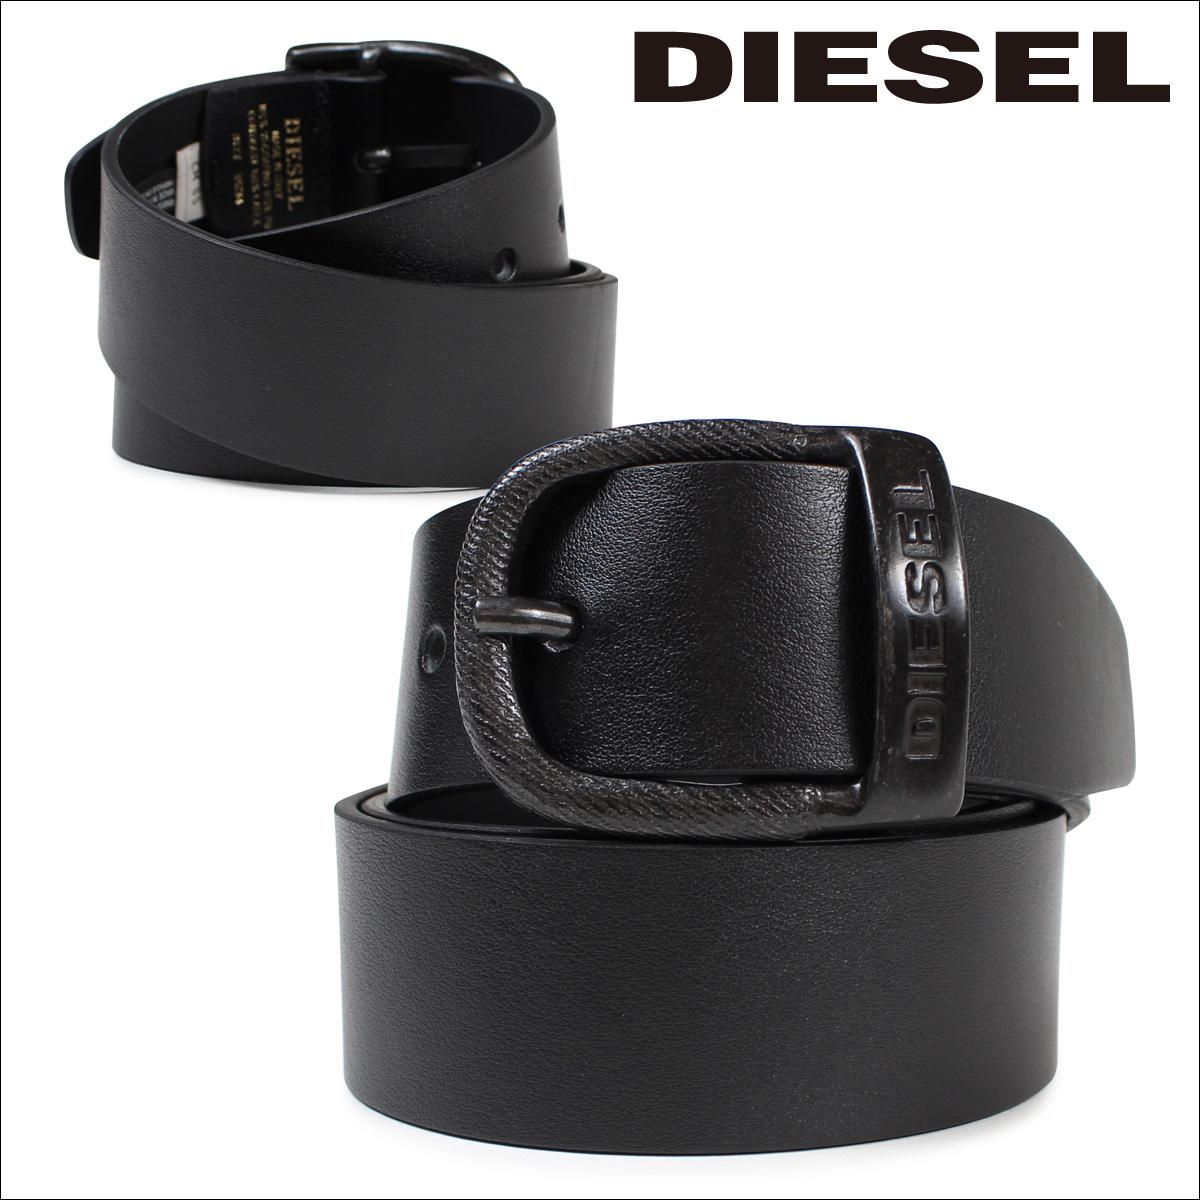 ディーゼル DIESEL ベルト バックル ロゴ入り カジュアル ヴィンテージ BAWRE X03717 PR250 ブラック メンズ